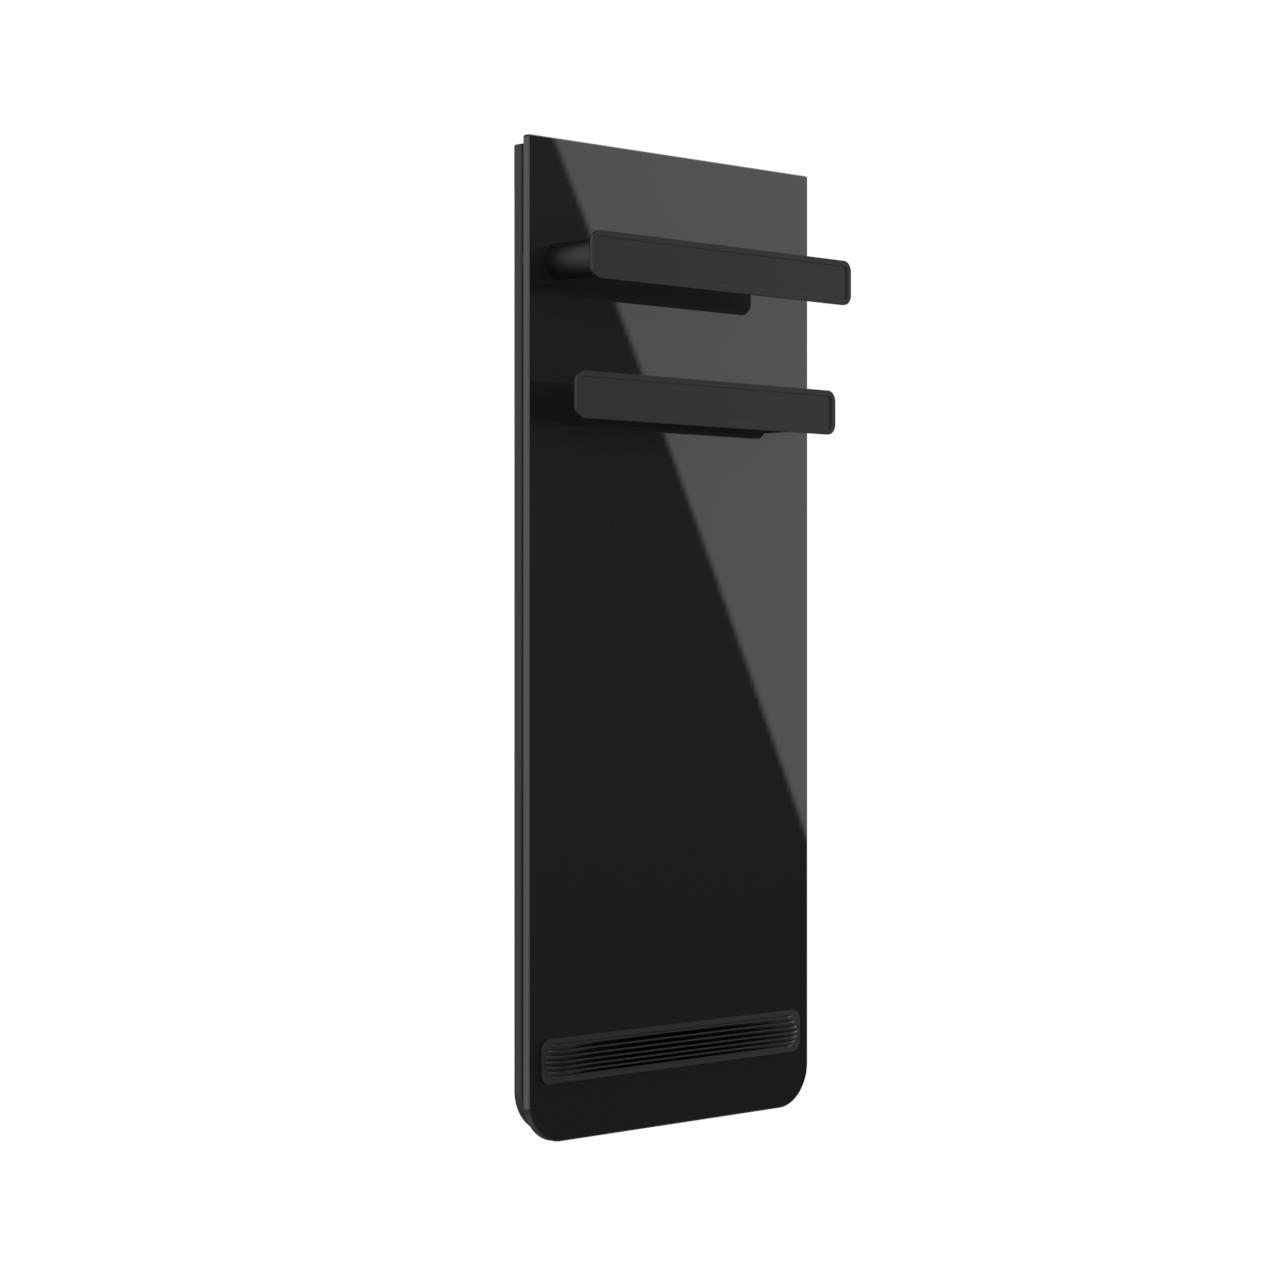 Image 5vision 360 degrés du produit CAMPAVER BAINS KYOTO 3.0